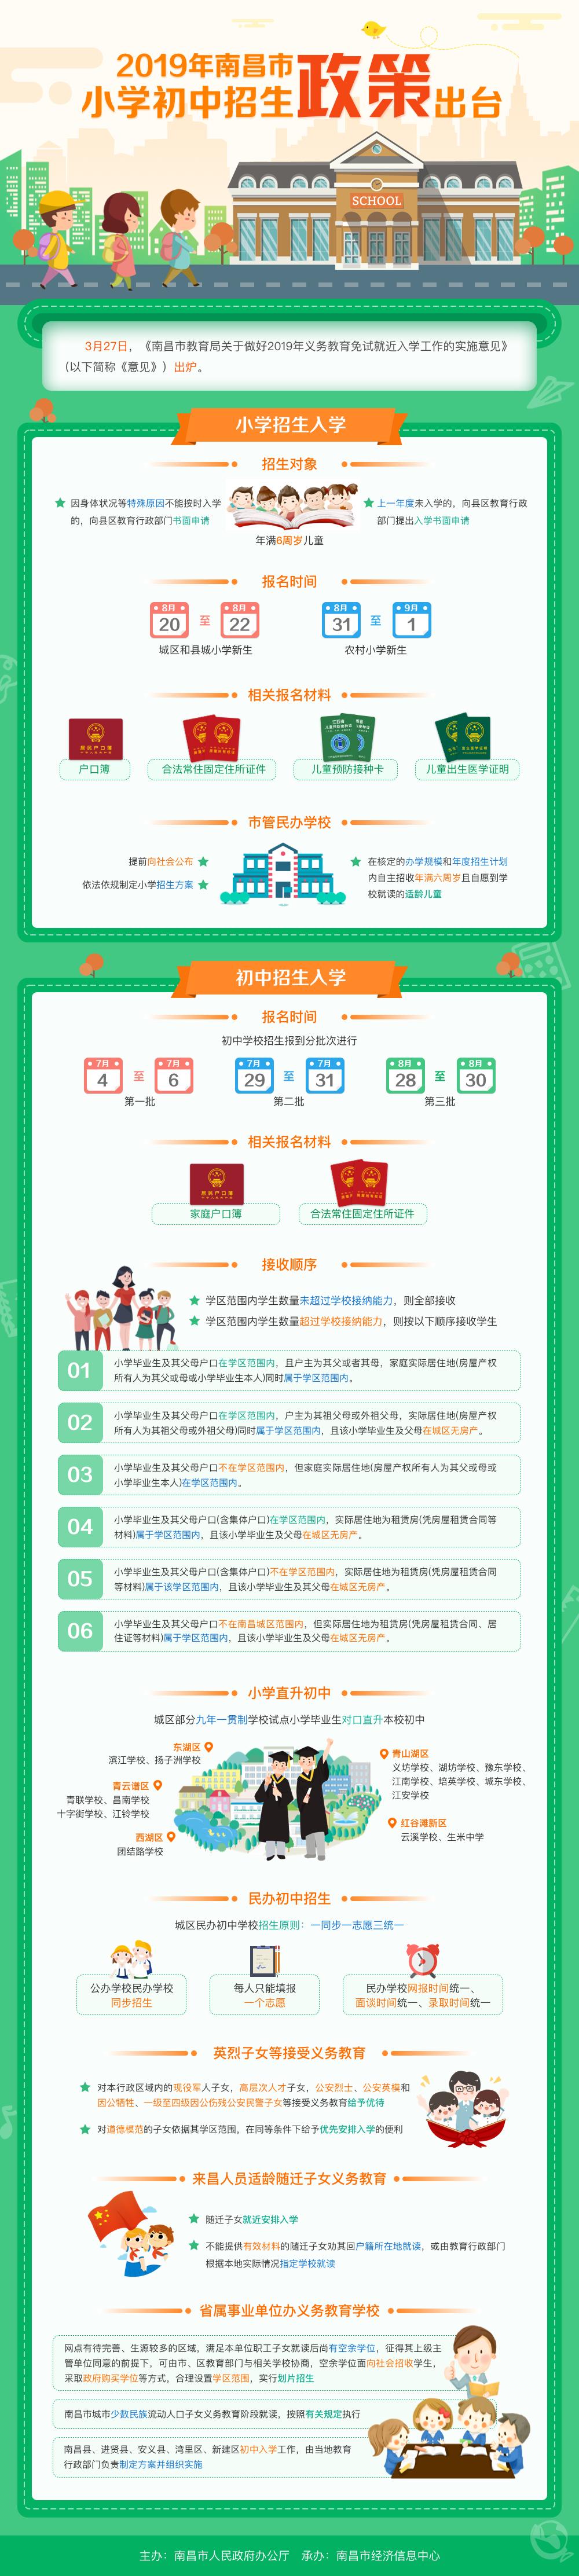 2019年南昌小学初中招生政策解读